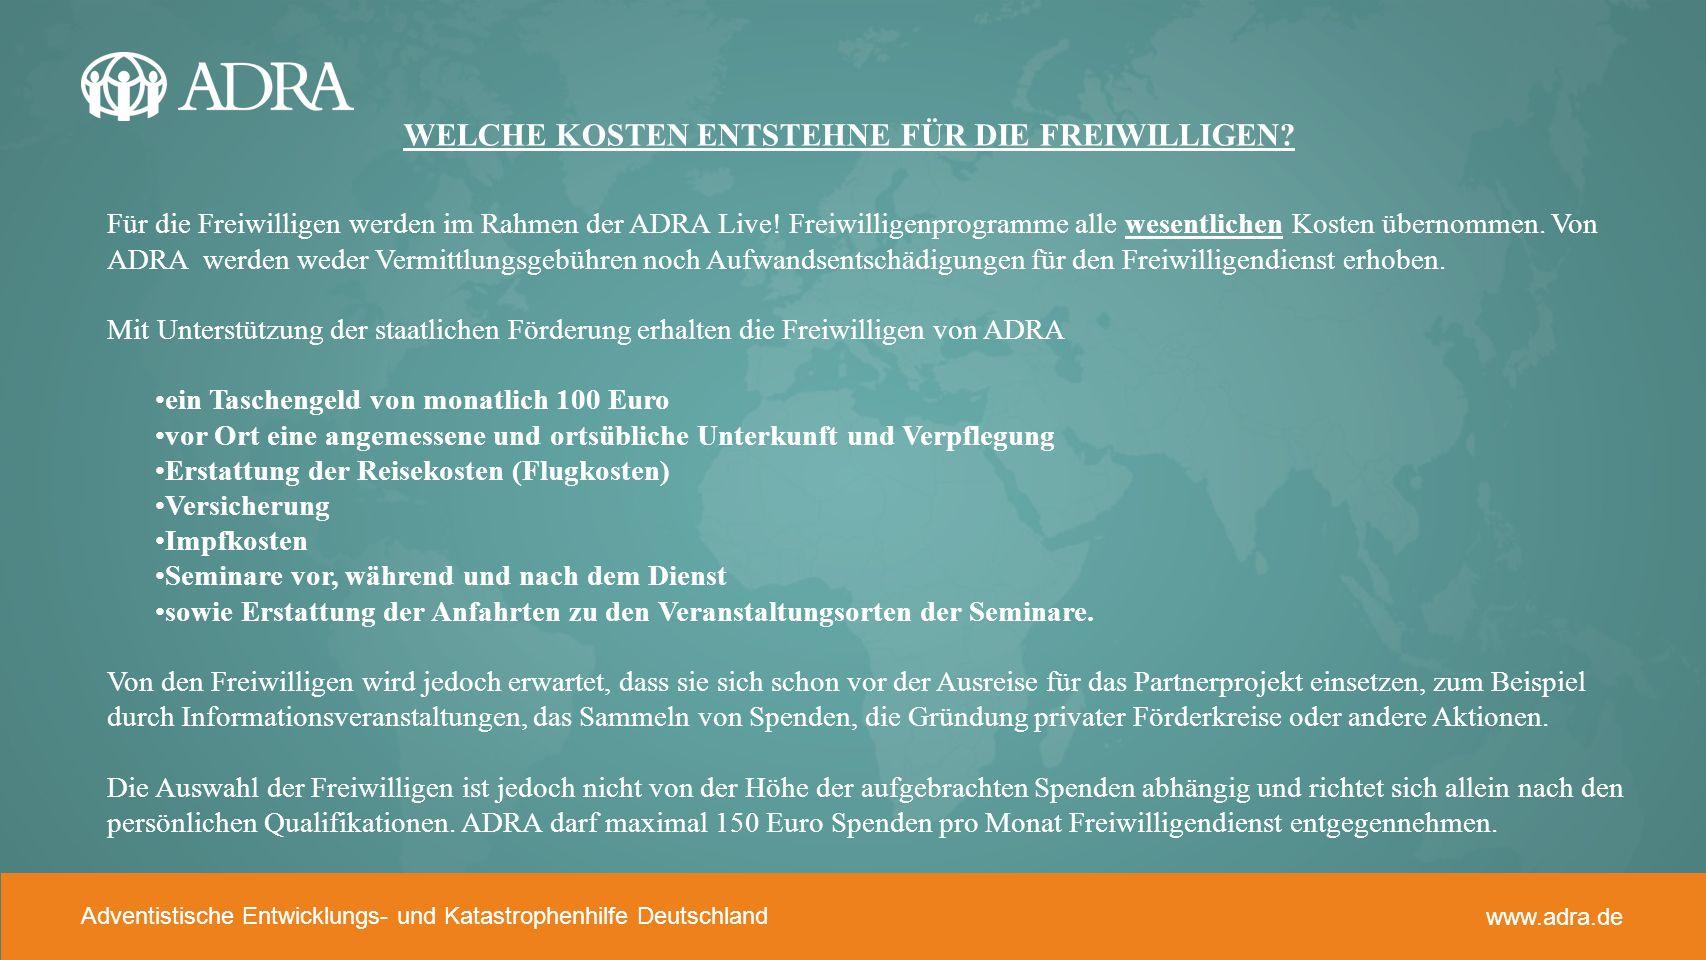 Adventistische Entwicklungs- und Katastrophenhilfe www.adra.de Adventistische Entwicklungs- und Katastrophenhilfe Deutschland www.adra.de WELCHE KOSTE